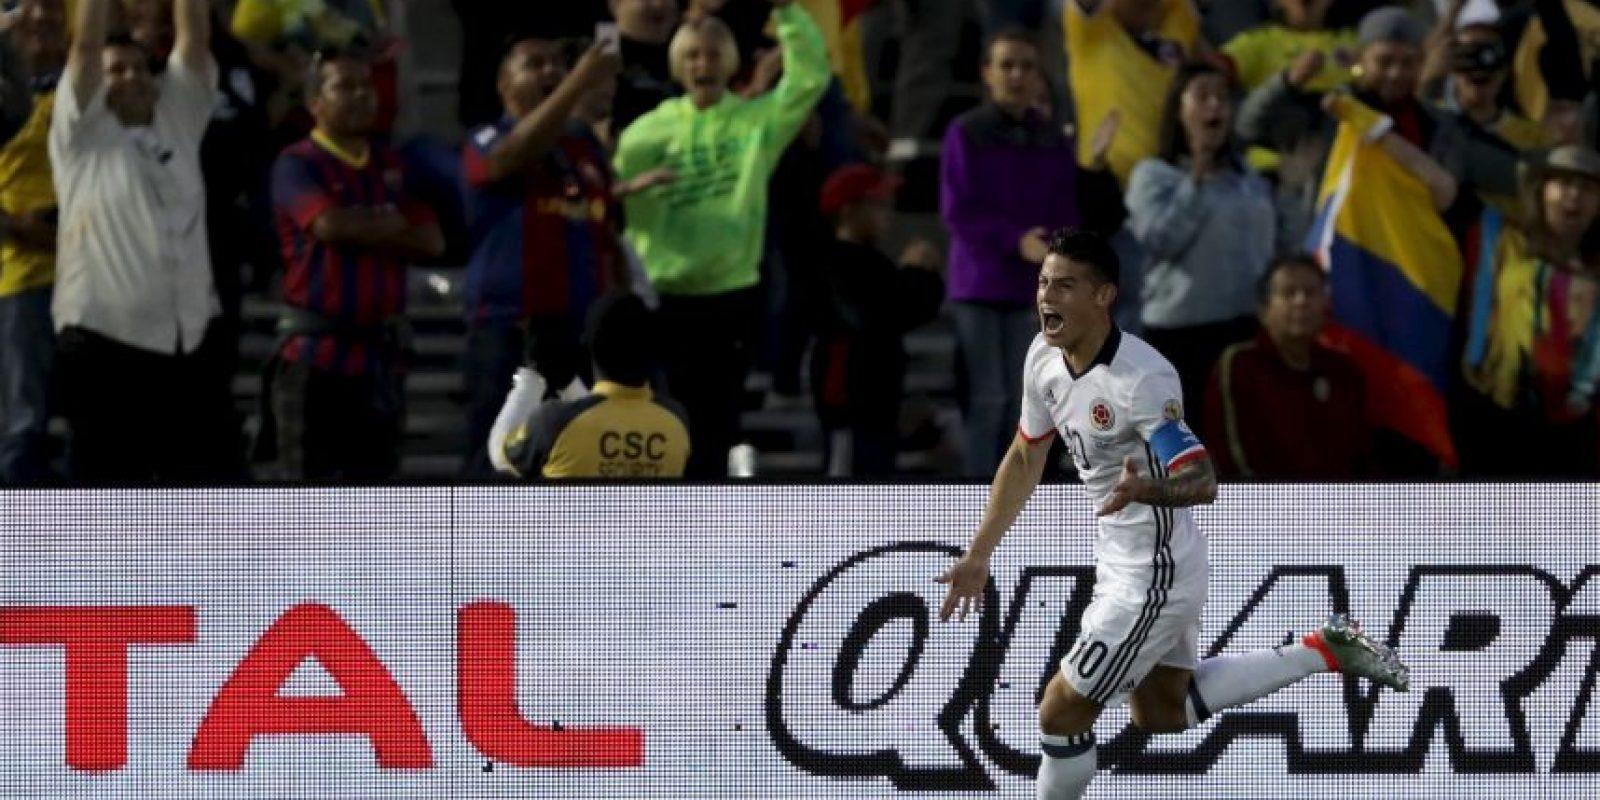 Colombia parecía destinado a ganar el Grupo A, pero cayó en la última fecha con Costa Rica y terminó segundo, por lo que enfrentarán a los peruanos Foto:Getty Images